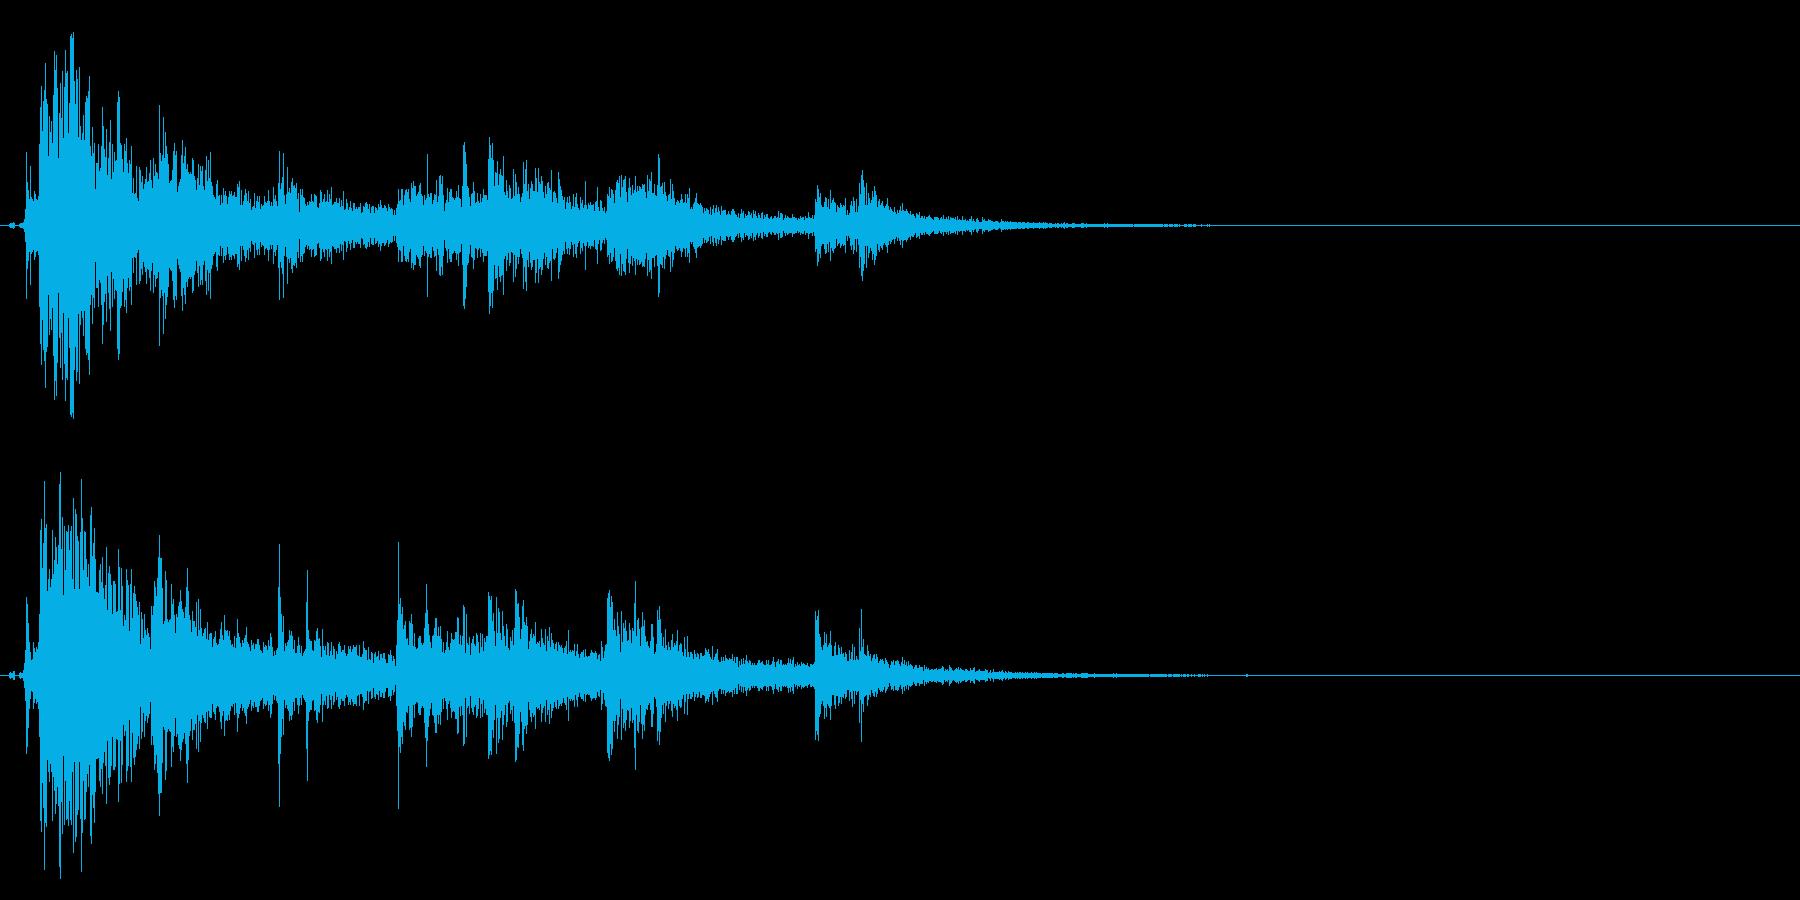 ドンパァ〜!本当にリアルな花火の効果音7の再生済みの波形